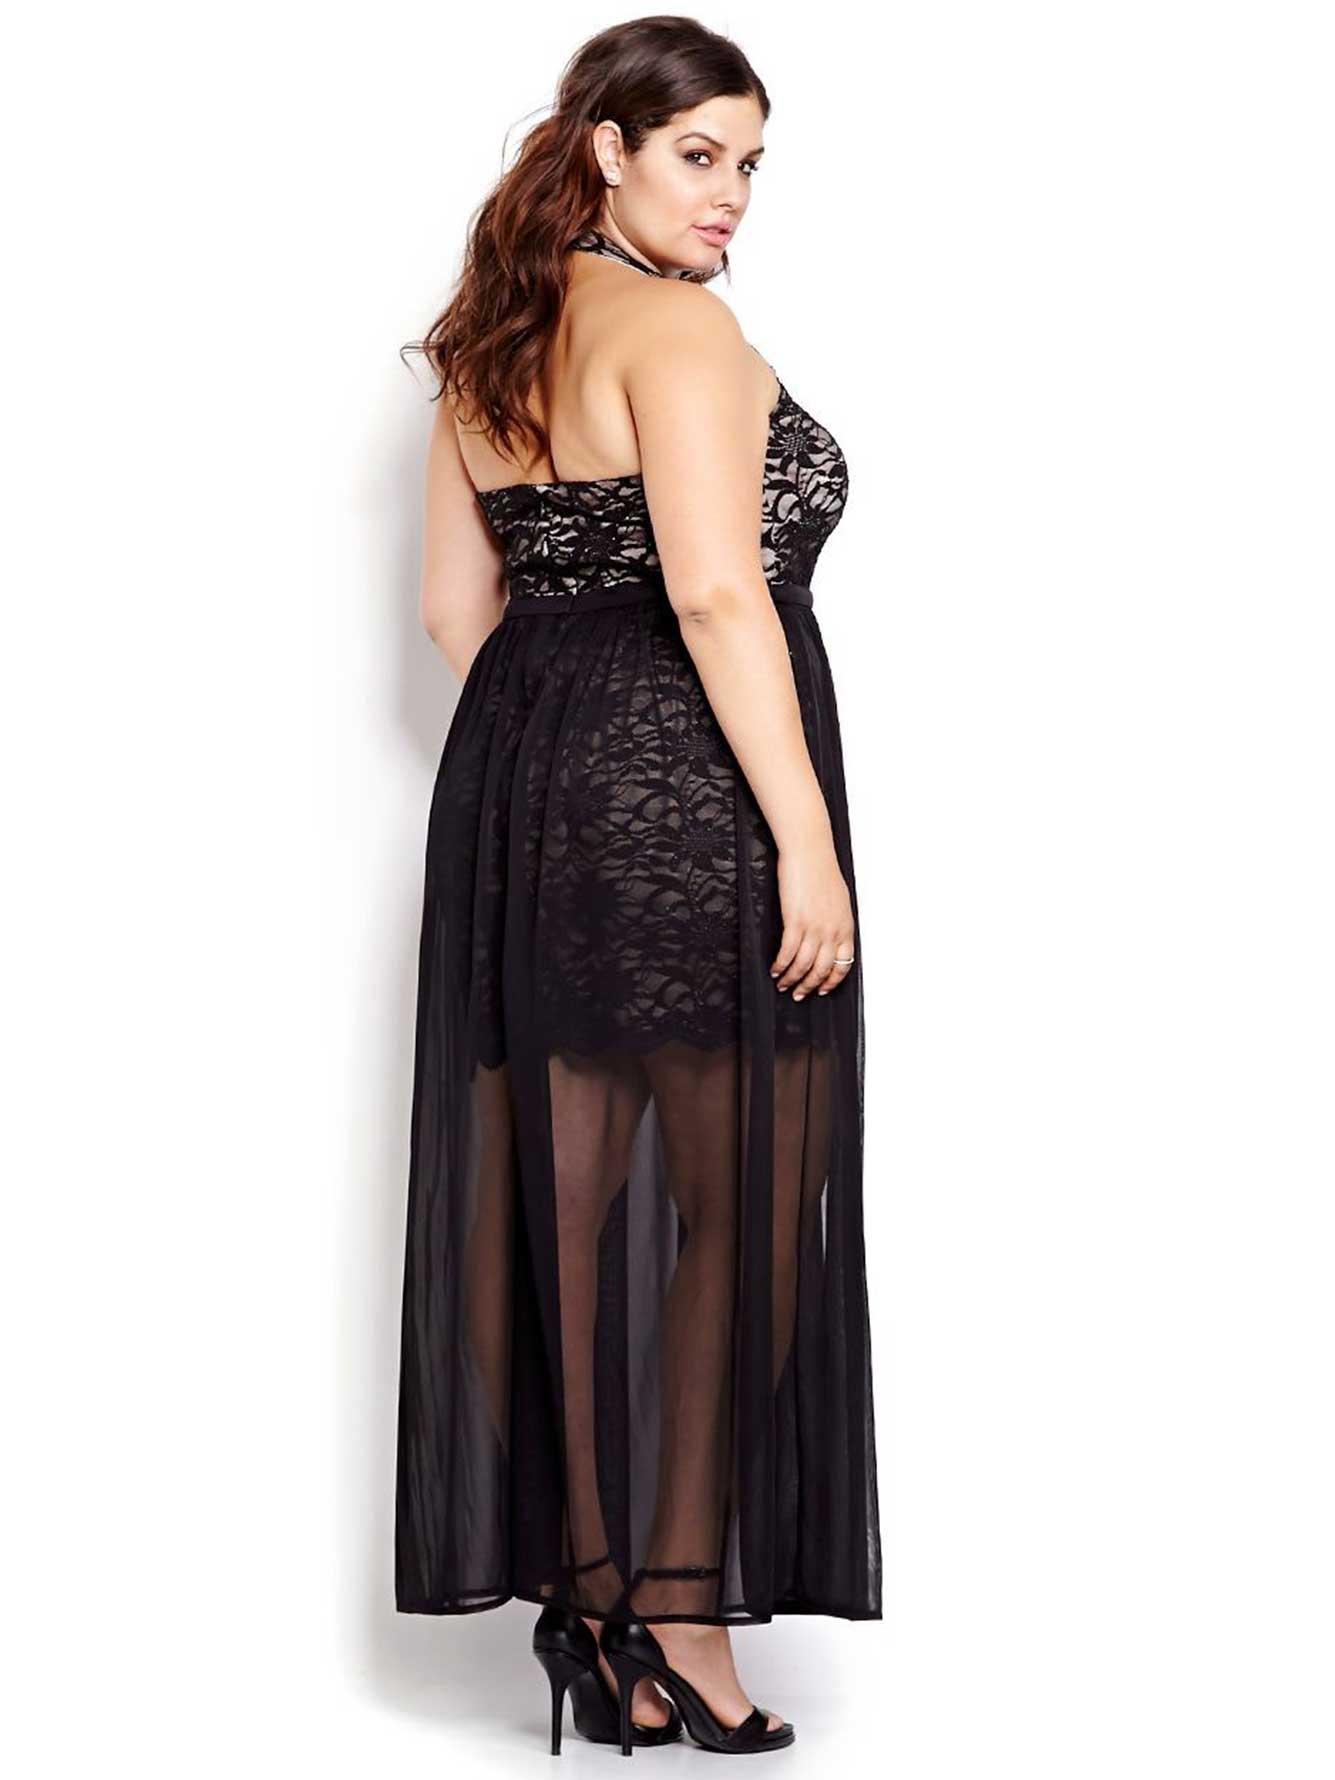 6b4c835e882d2 New Noir Lace and Chiffon Halter Dress | Addition Elle